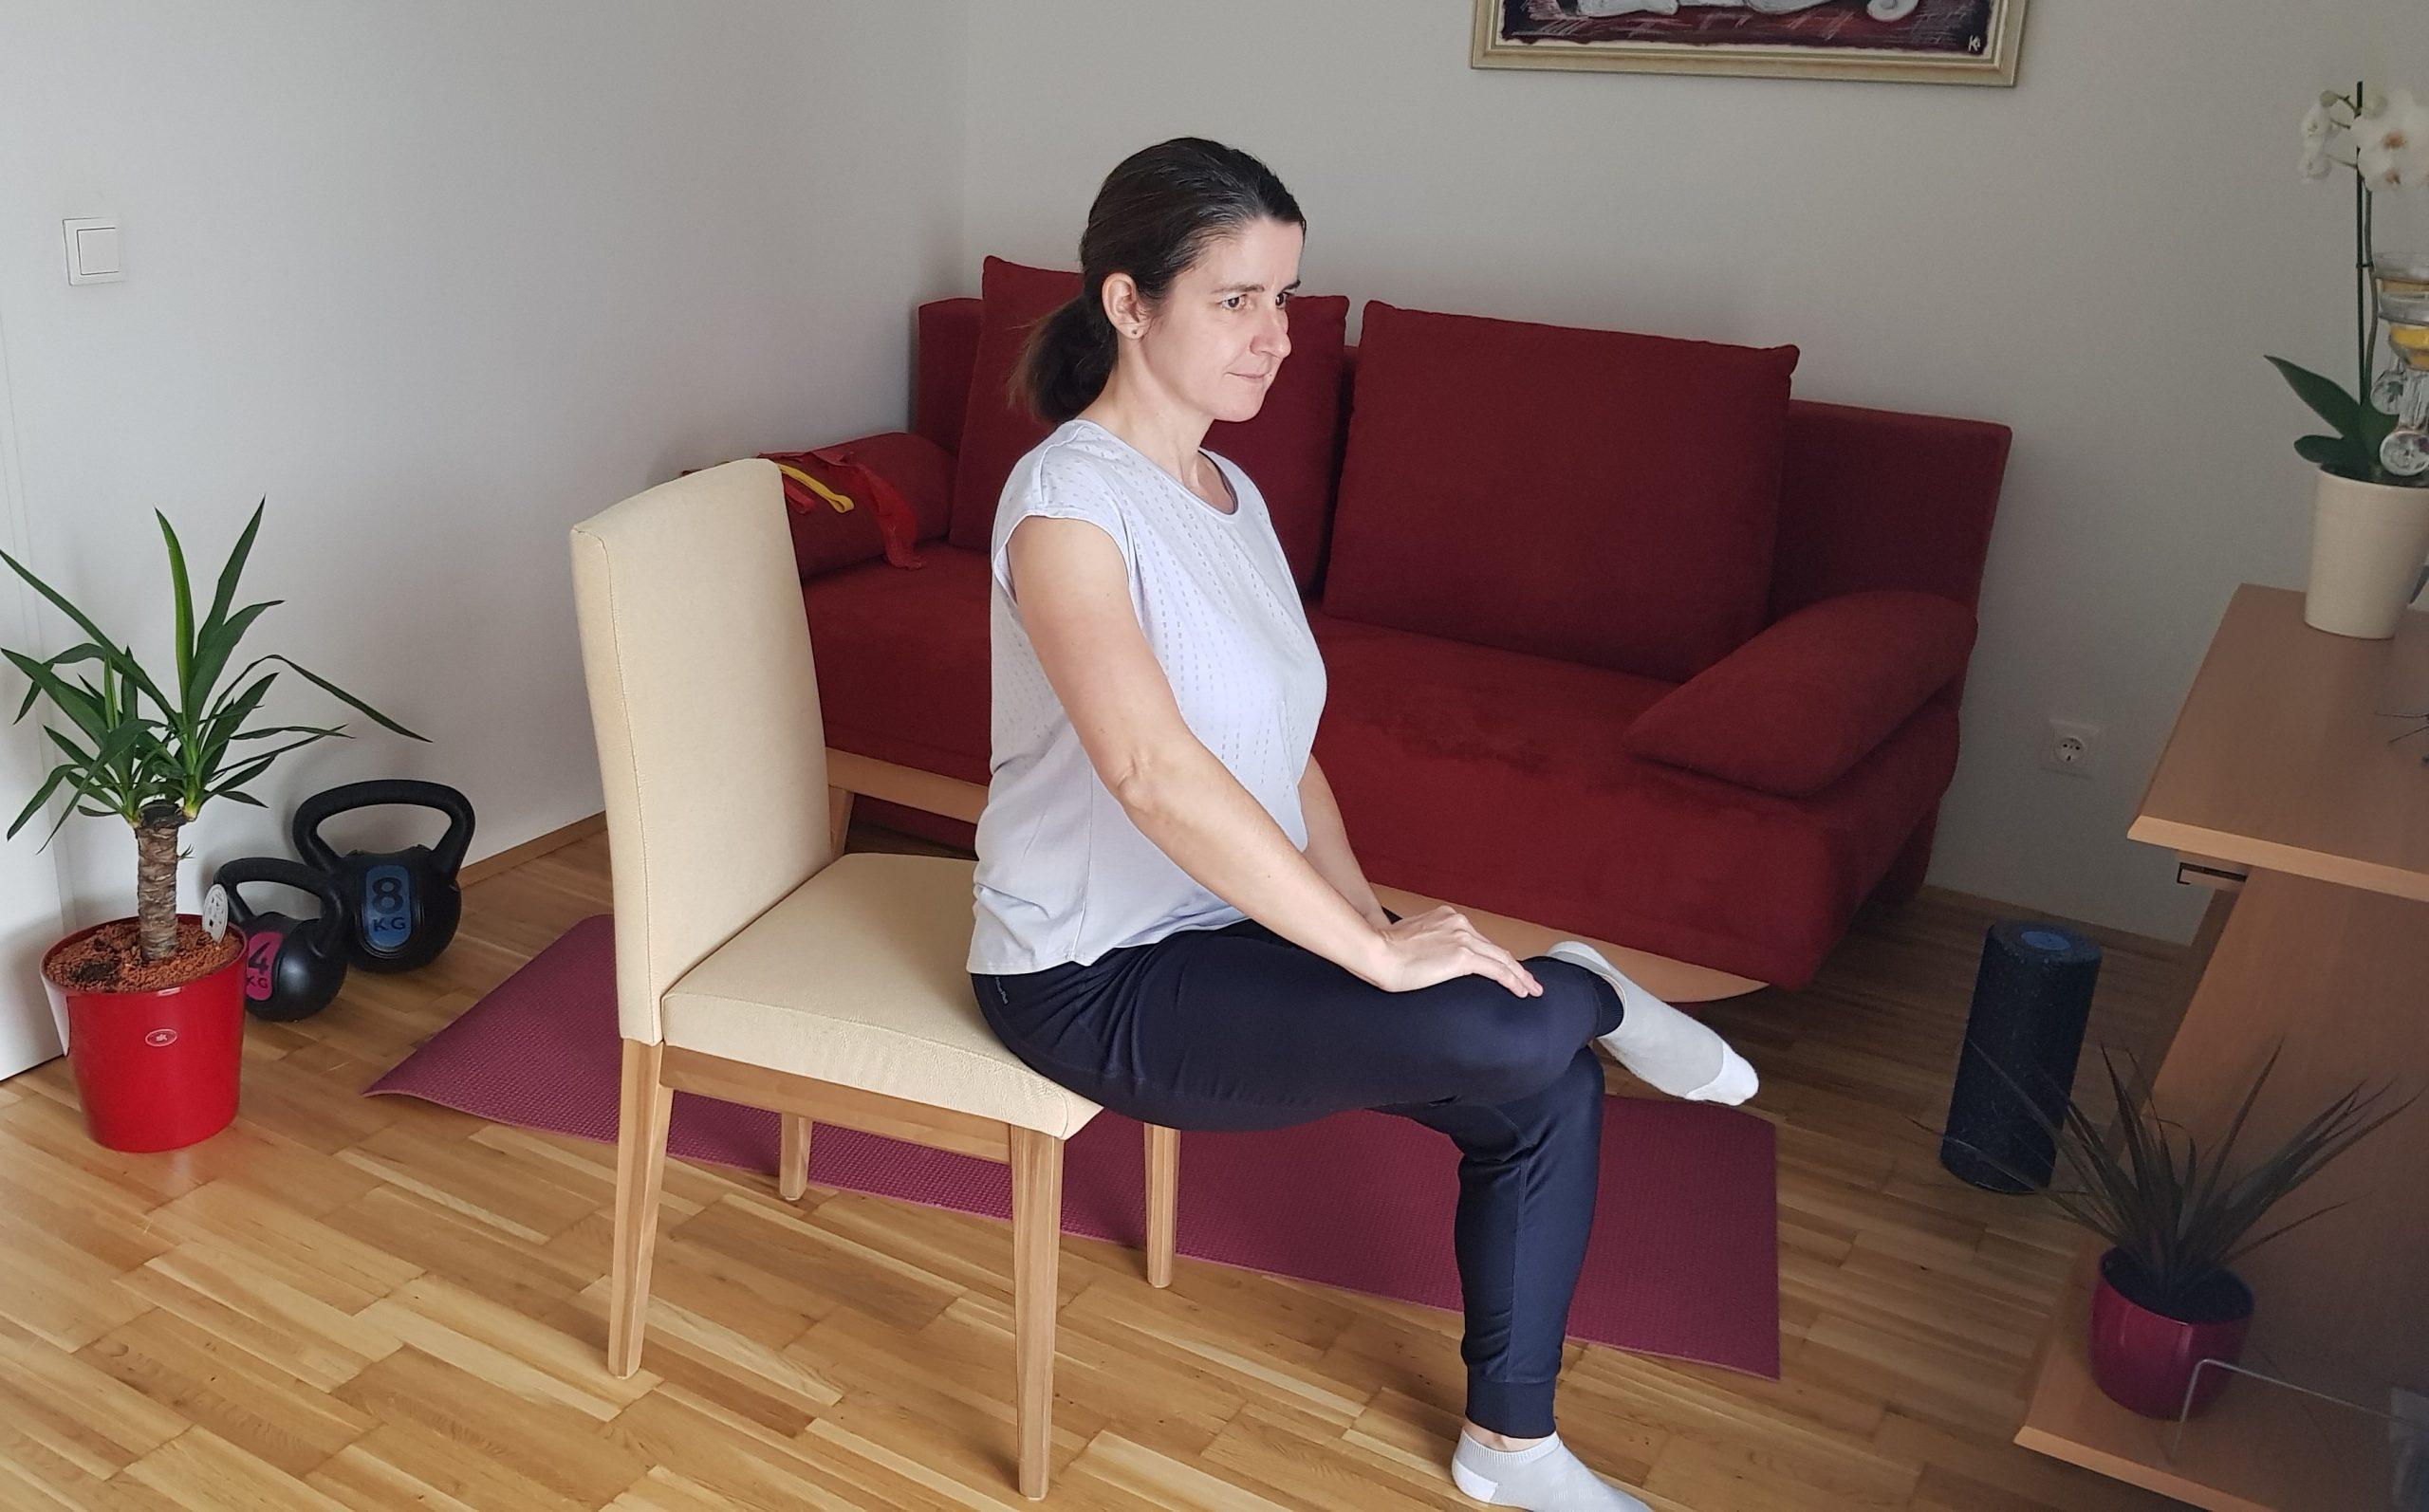 Bewegung im Home-Office – Teil 4 von 4